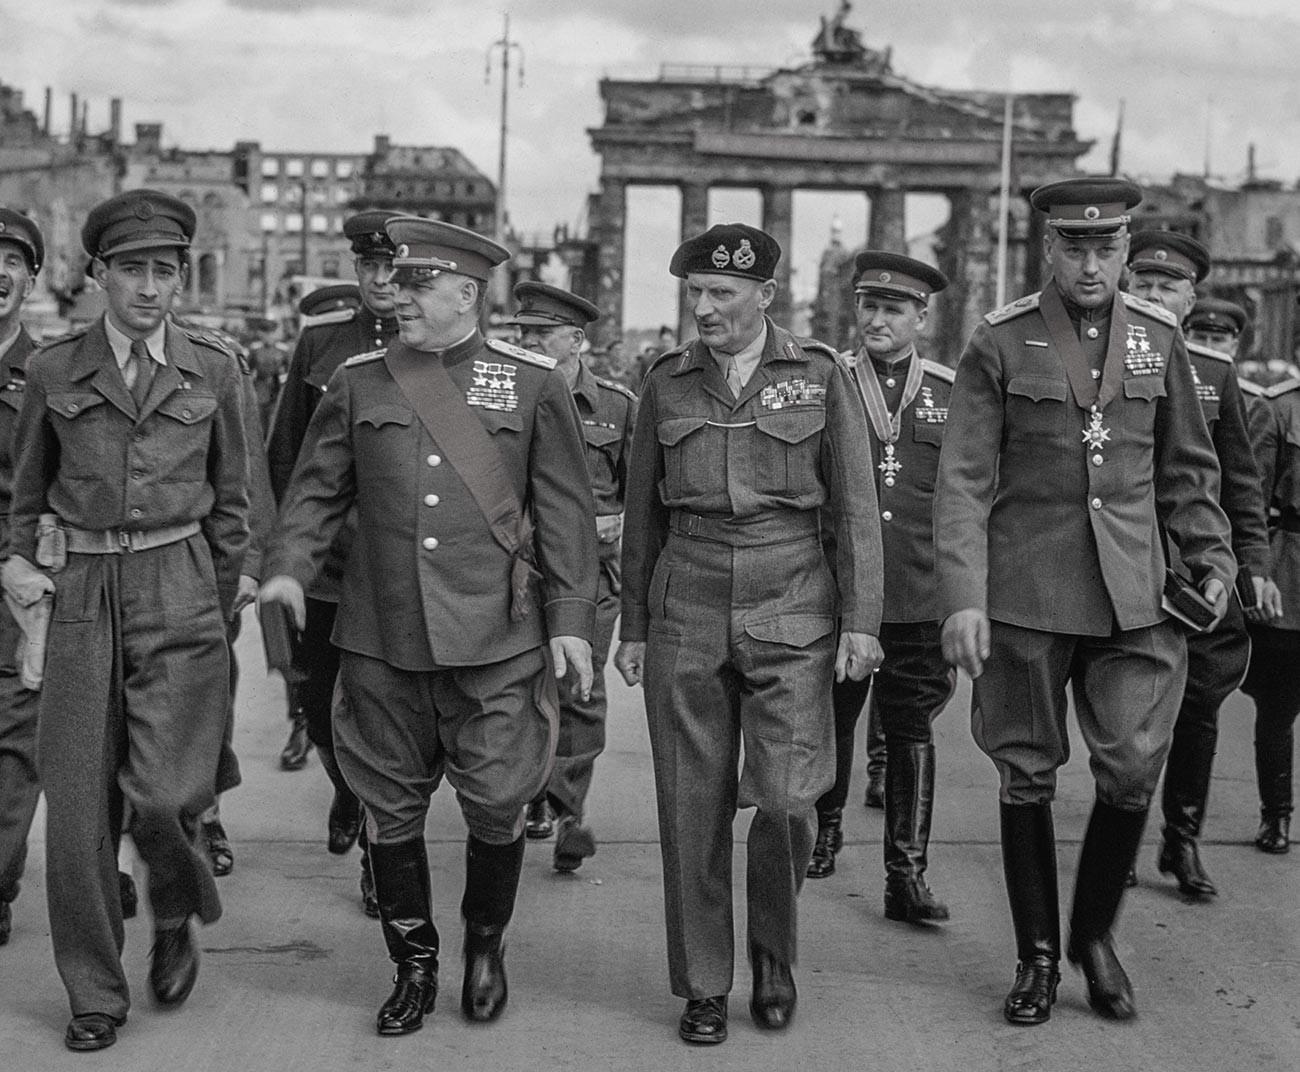 L'adjoint au commandant suprême de l'Armée rouge, maréchal Gueorgui Joukov, le commandant du 21e groupe d'armées field marshal Bernard Montgomery, le maréchal Constantin Rokossovski et le général Sokolovski quittent la porte de Brandebourg après une cérémonie.